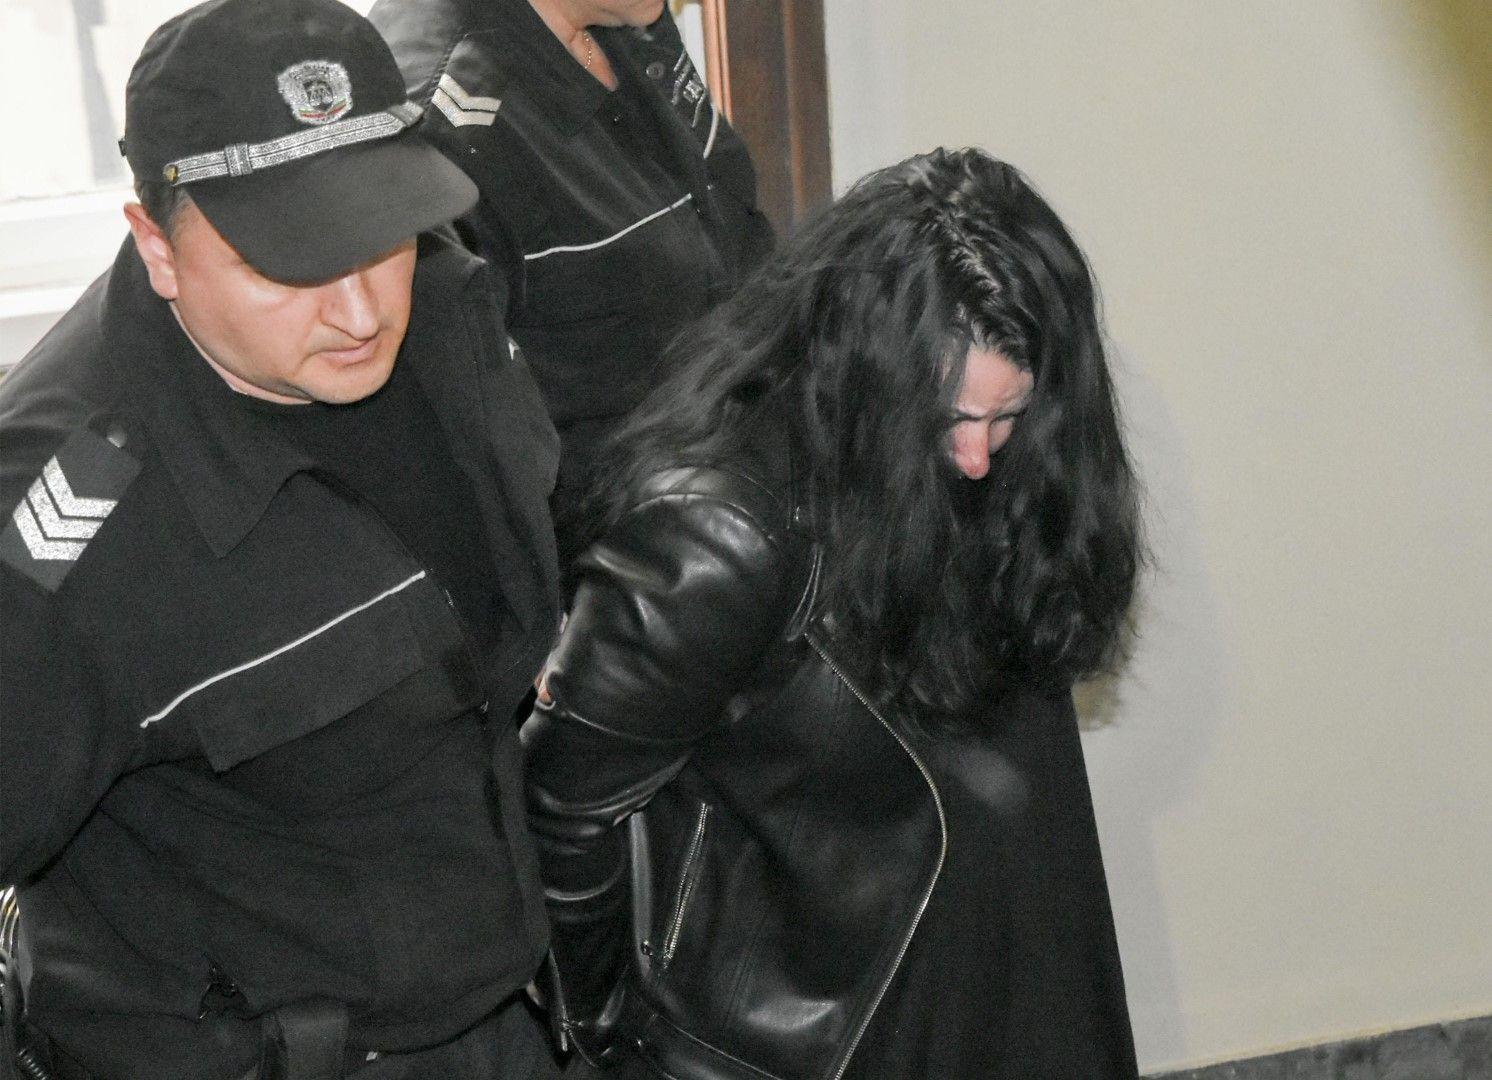 Цвета Таскова криеше лицето си в съда